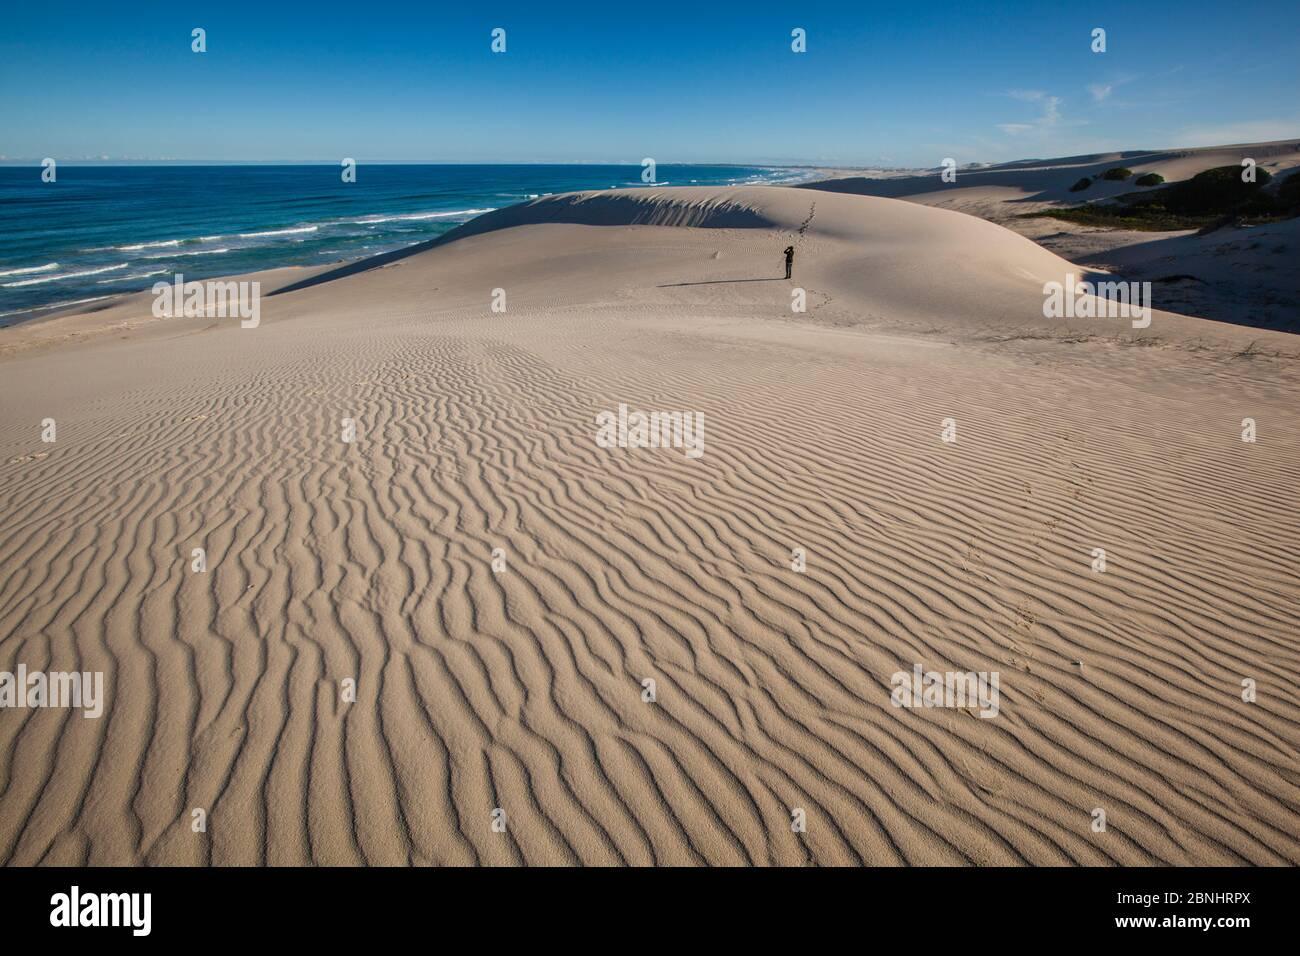 Dunes de sable à la réserve naturelle de Hoop, Western Cape, Overberg, Afrique du Sud. Juin 2013. Banque D'Images